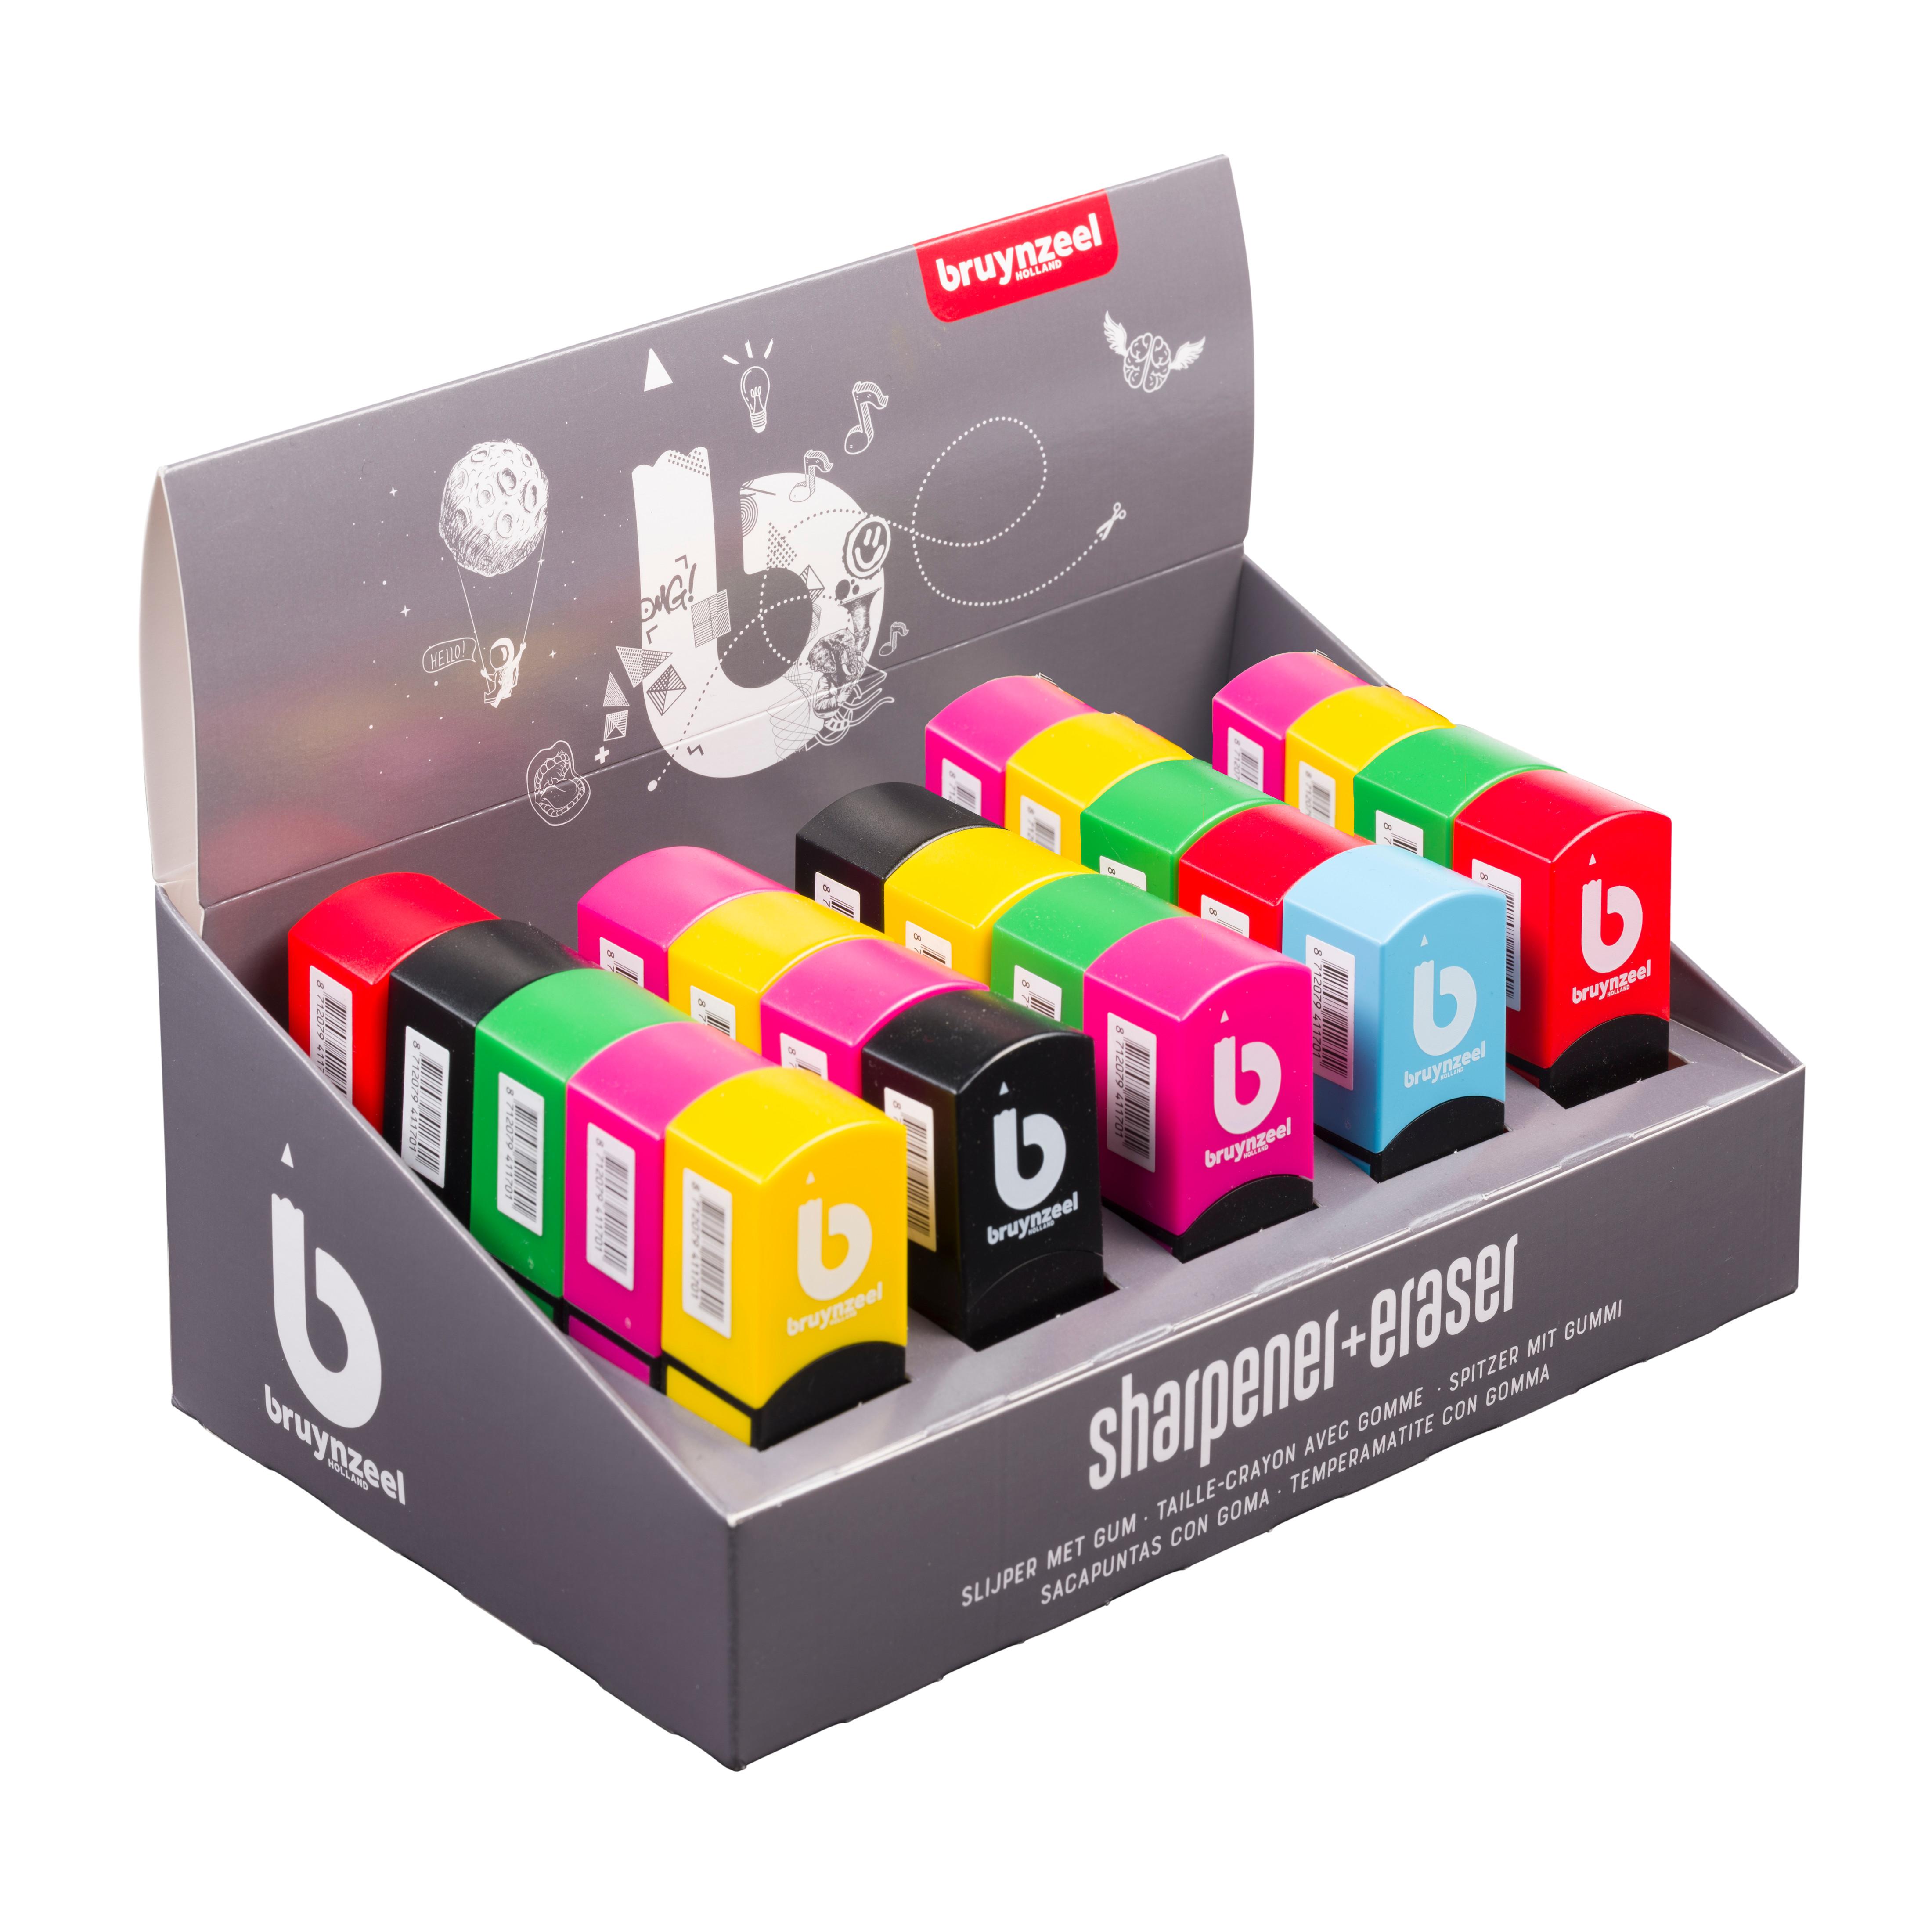 Bruynzeel Sharpener-Eraser Display 25